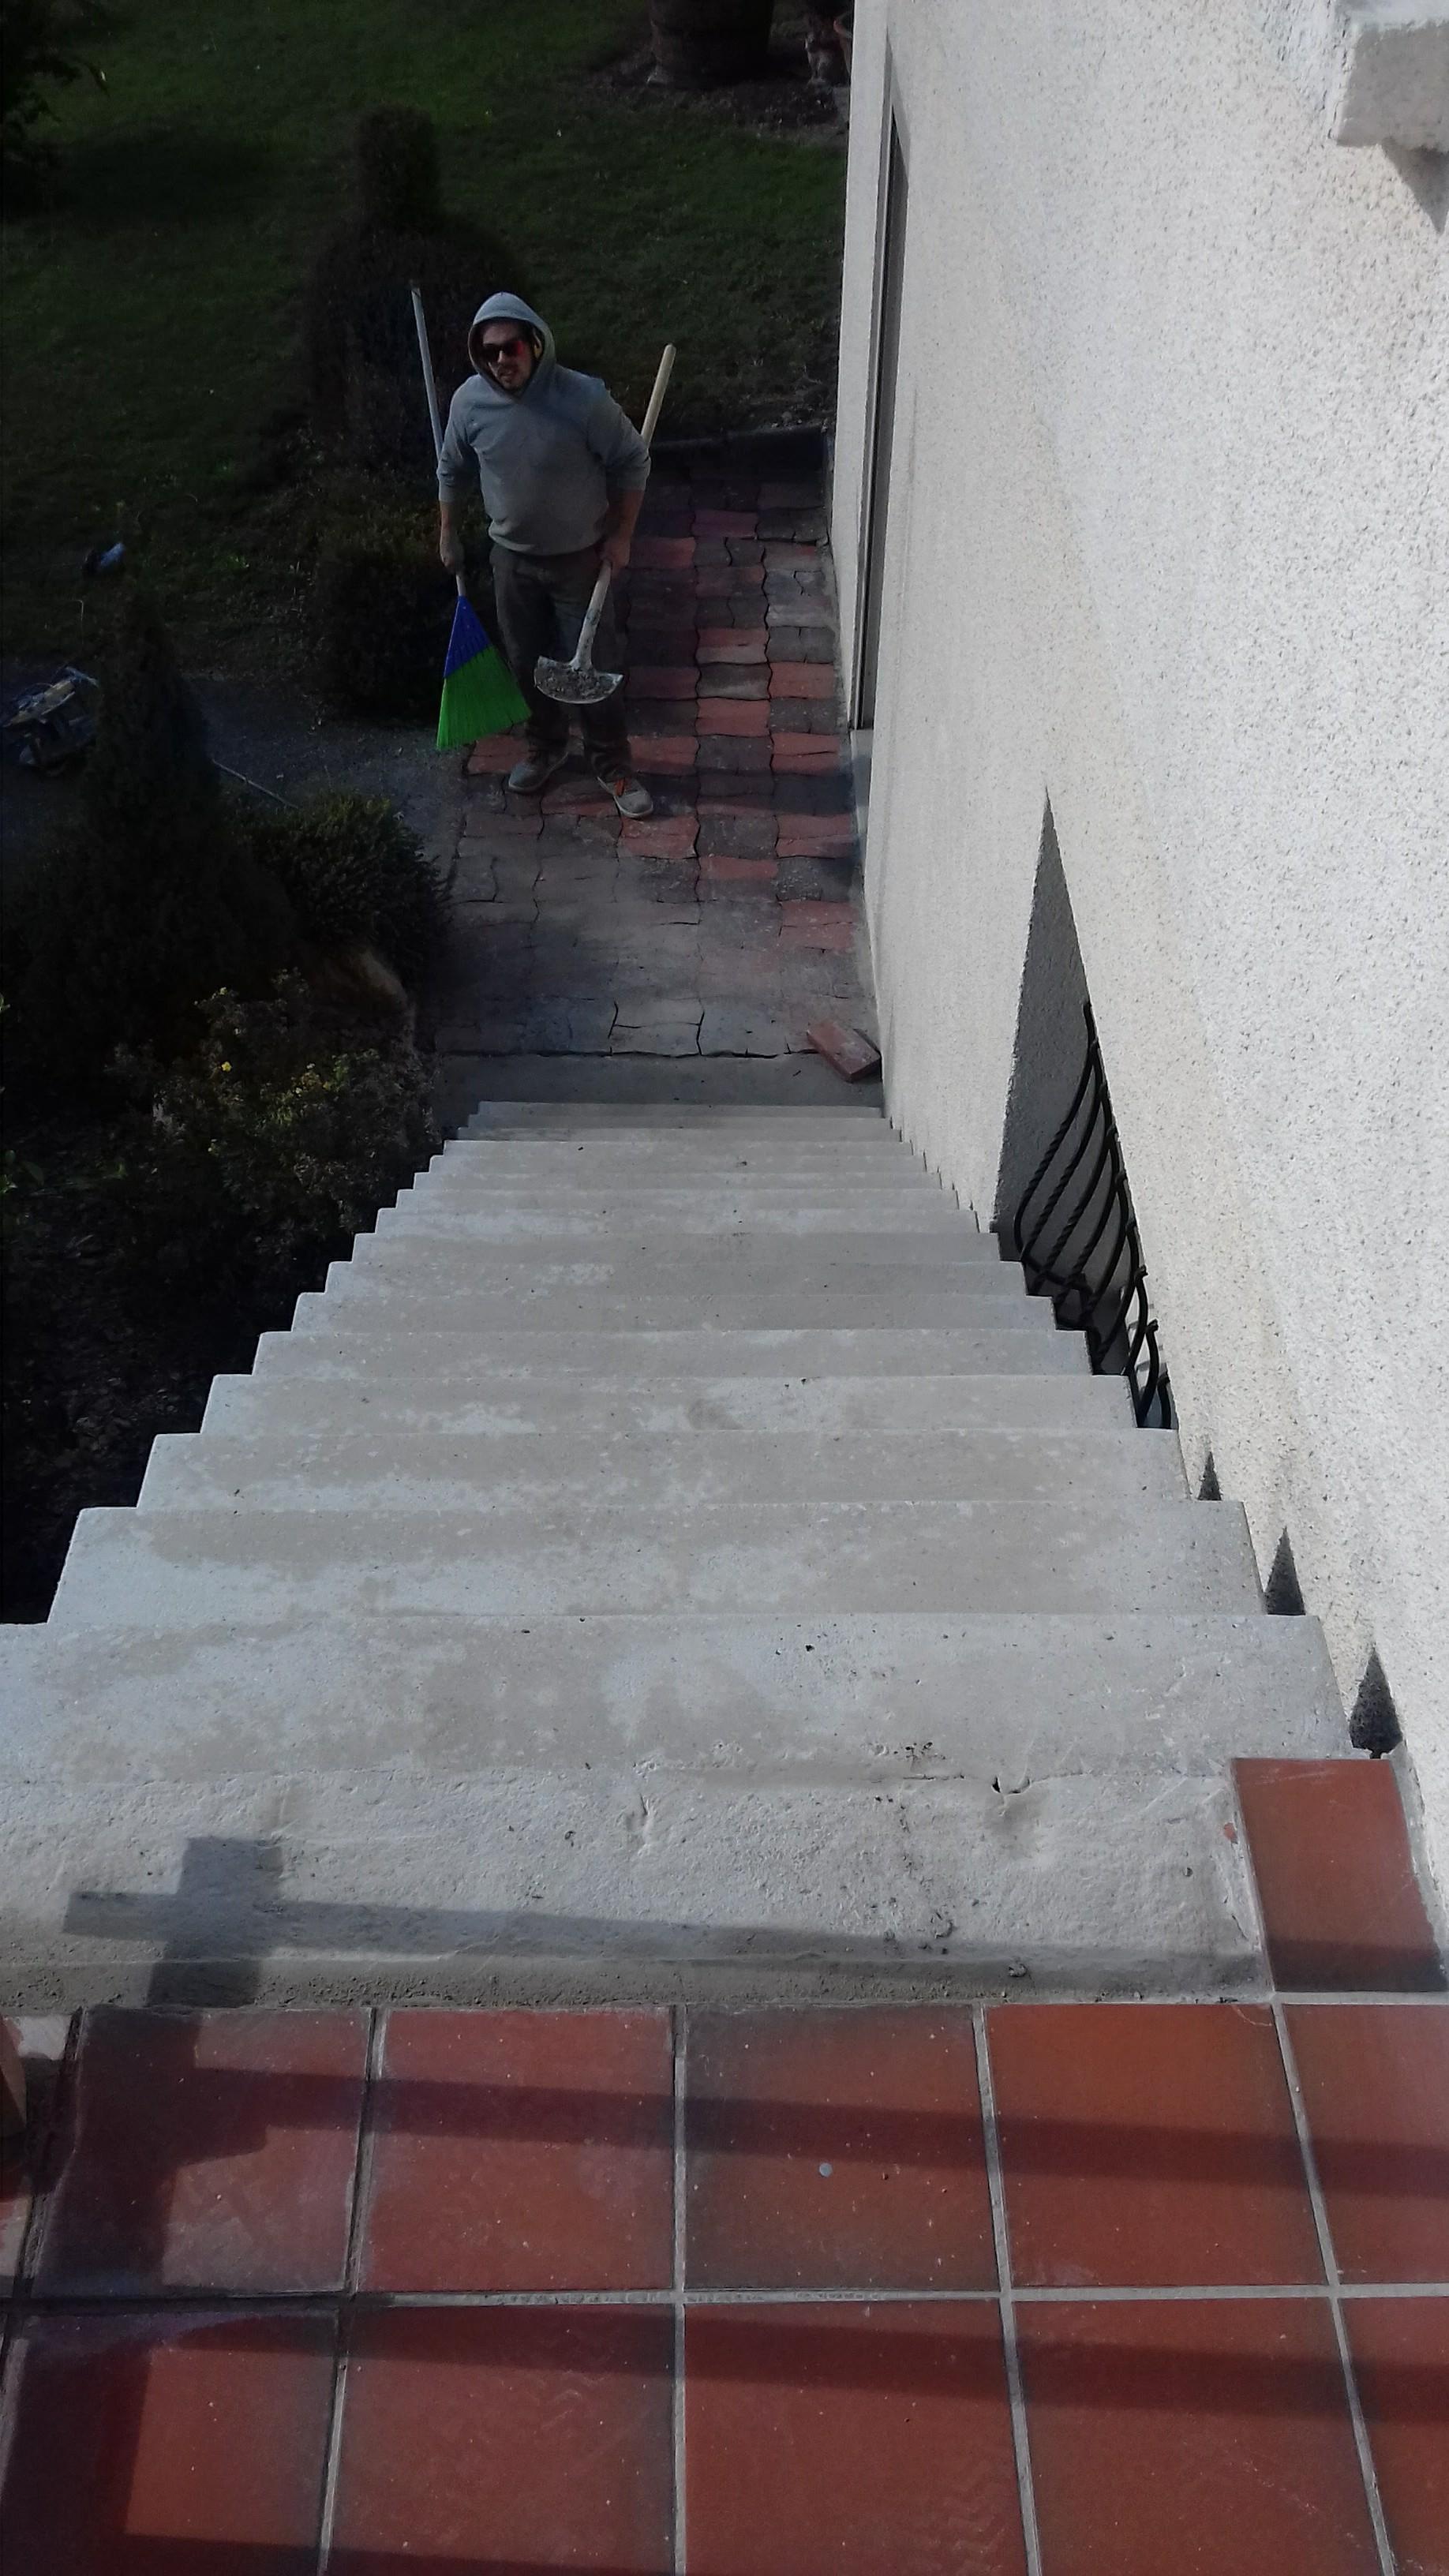 remarquable escalier à paillasse sur mesure en béton brut de décoffrage  à Mazamet dans le département du Tarn. La rapidité des coffrage Scal in permet d accéder rapidement à l étage en deux jours maximum de coffrage et de coulage du béton, escalier accessible dès le lendemain du coulage.  pour un particulier